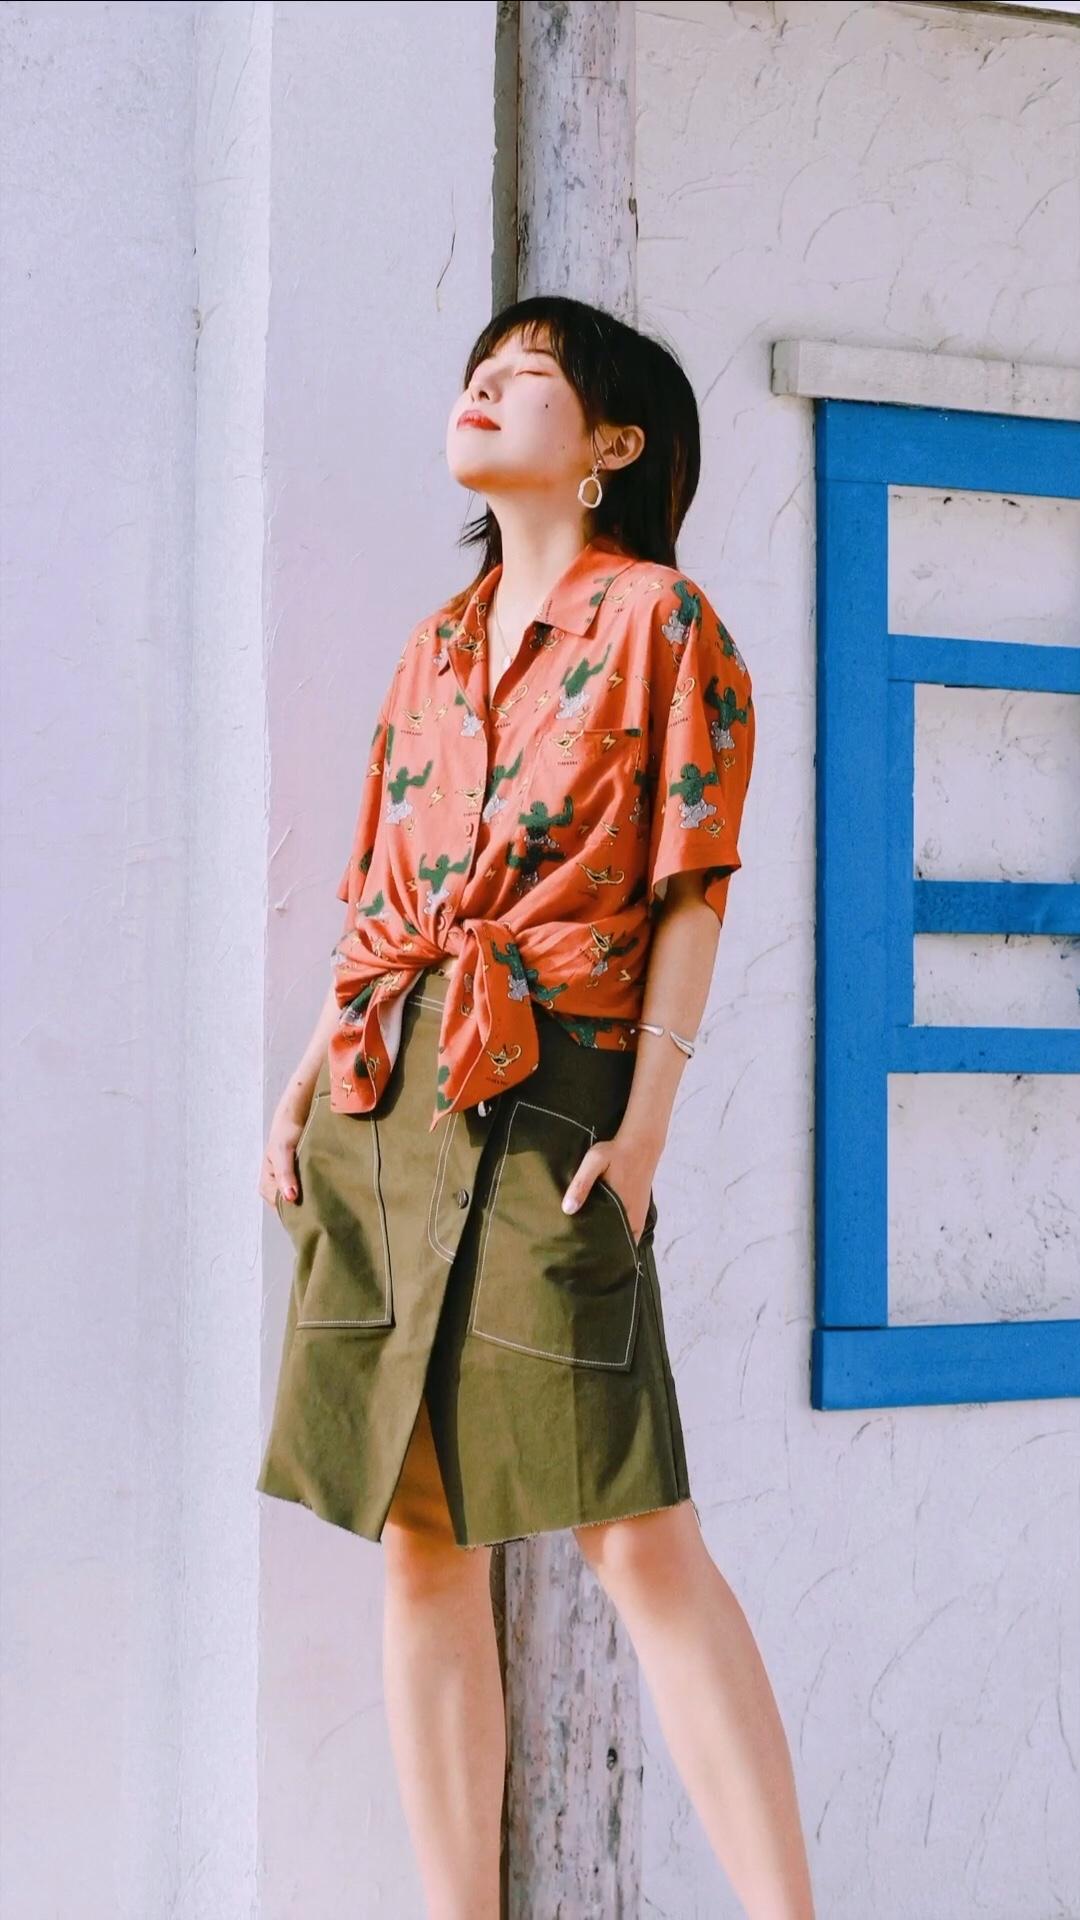 卡通插图的衬衫 相当的可爱特别 不对称的开叉半裙 更显俏皮灵动   —— 衬衫:塔卡沙 长裤:only  #蘑菇街新品测评#